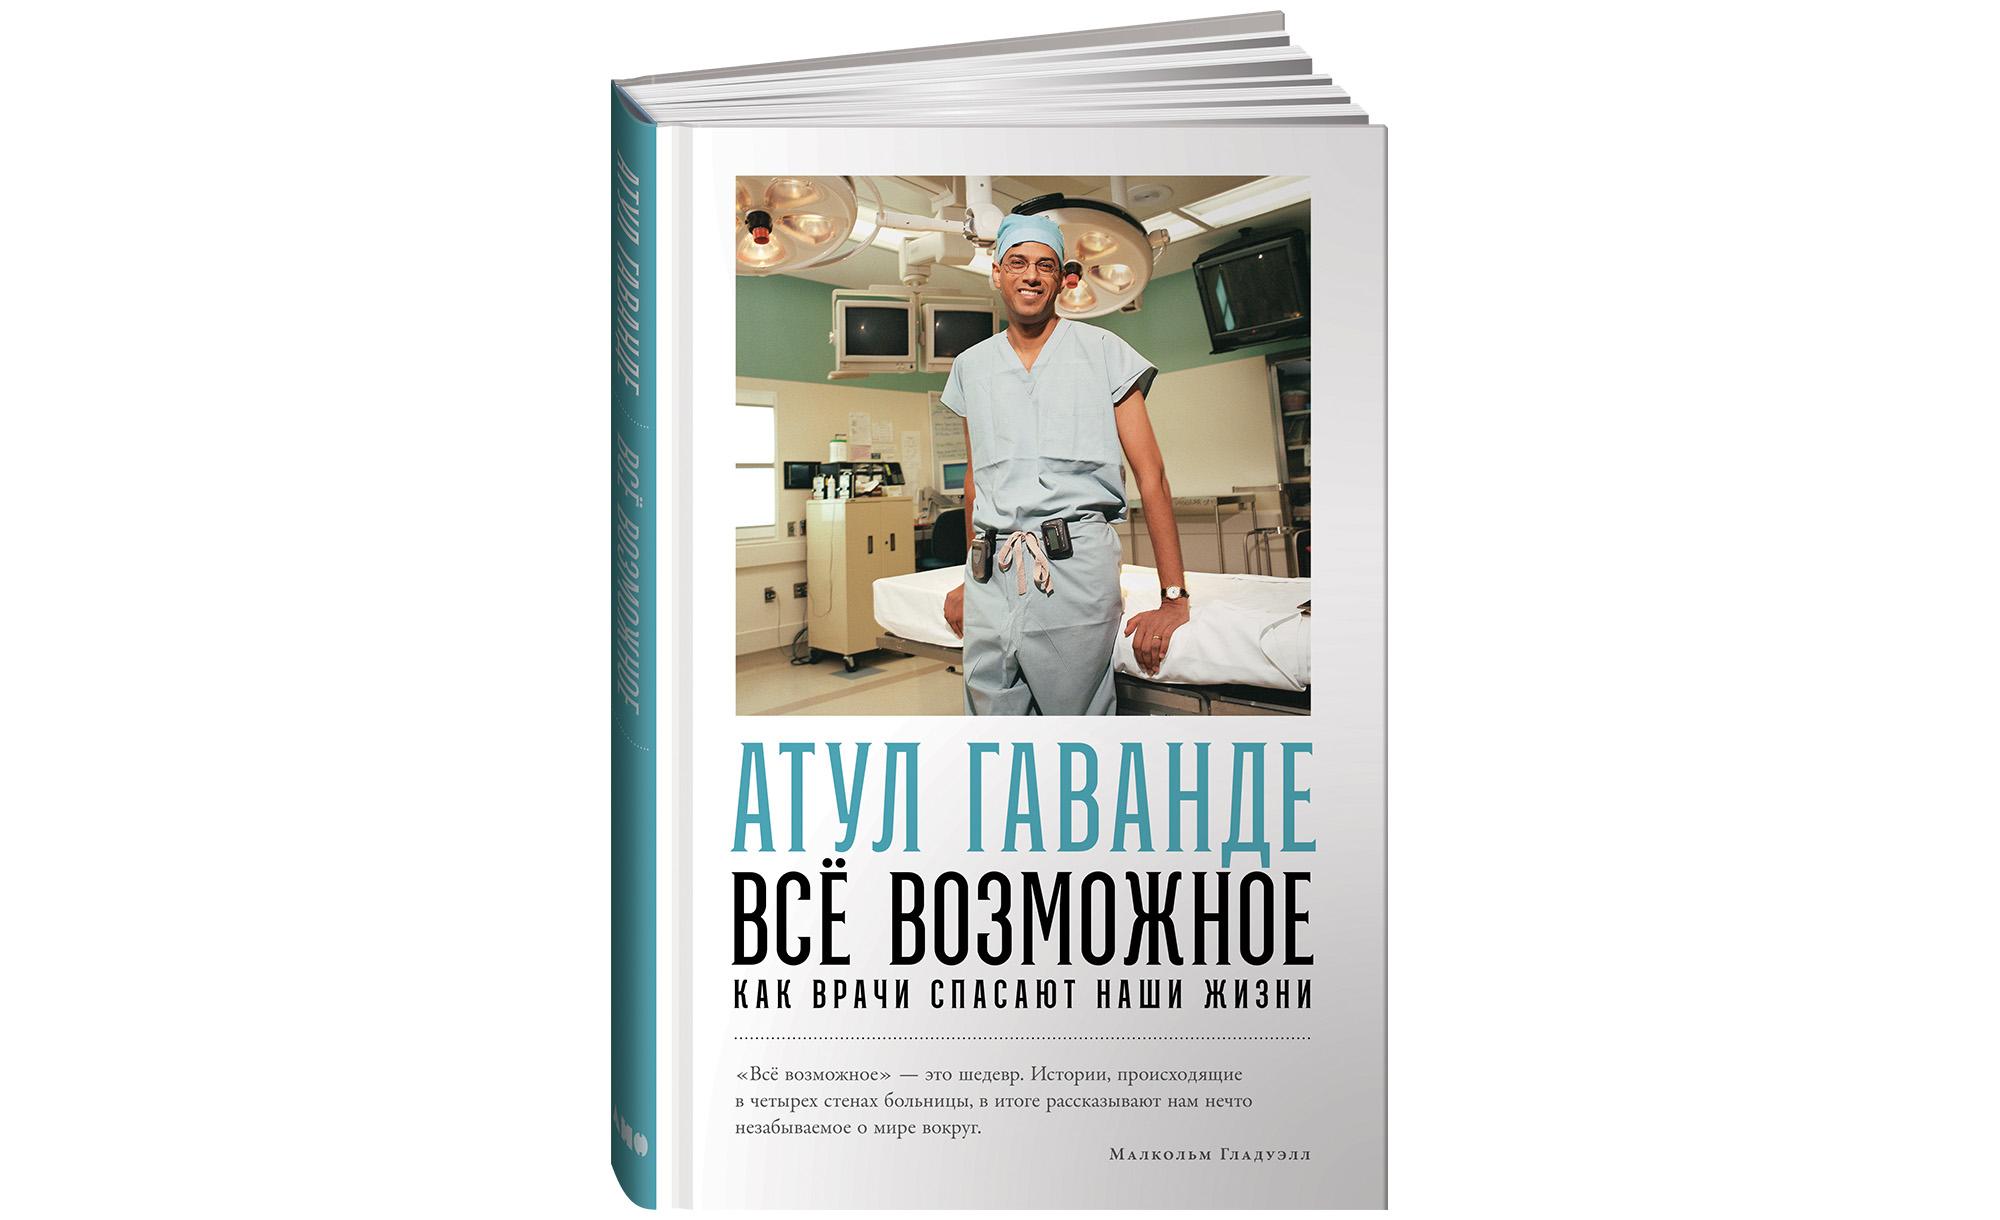 Всё возможное: как врачи спасают наши жизни | Гаванде Атул, обложка книги